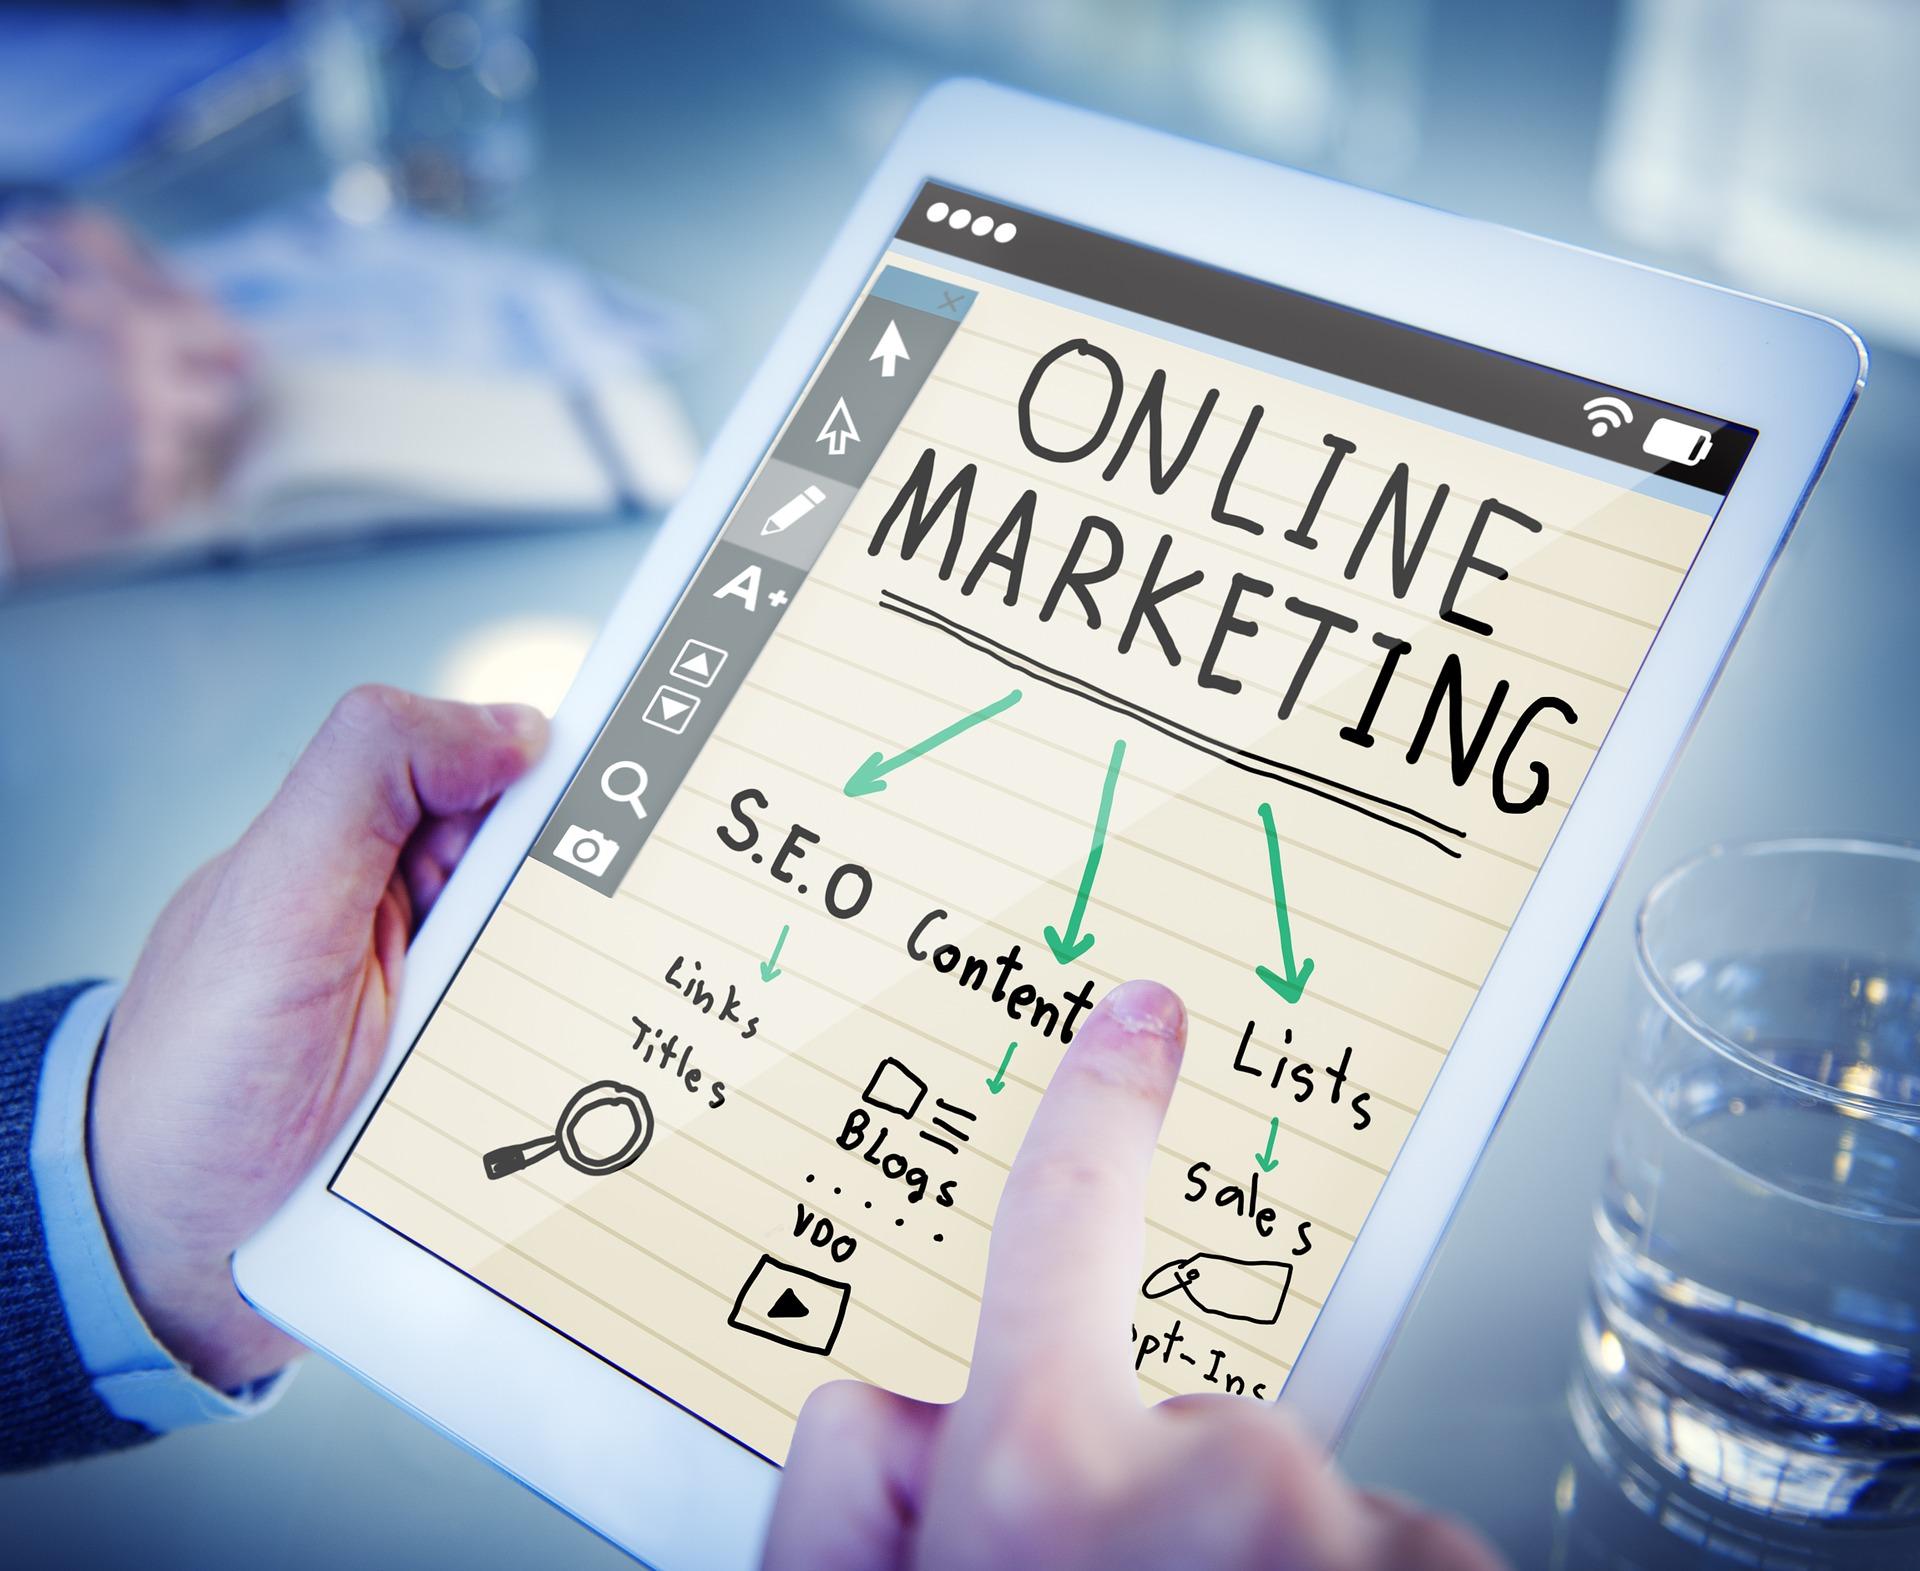 【オンライン講座】ネット集客:Google、Yahoo!から 今すぐ客 を集める方法[資料+テキスト]